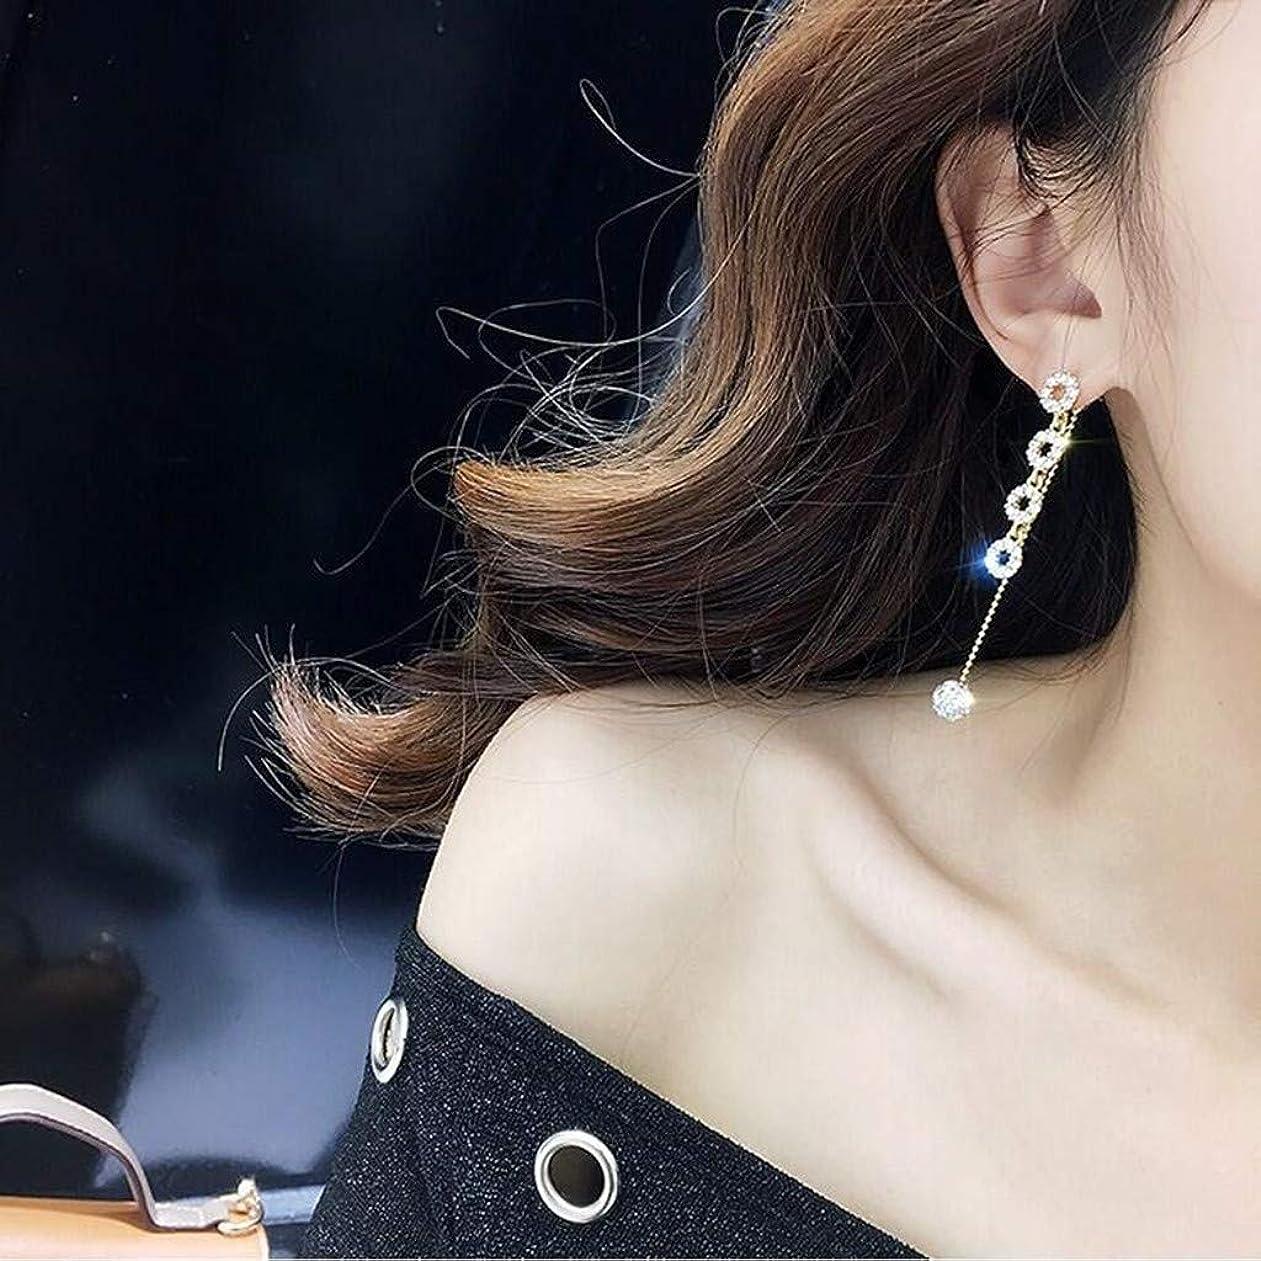 フラフープ説教する却下するNicircle ファッションロングタッセルサークルボールタッセルイヤリングジュエリー ファッション トレンド 長いセクション サークル タッセル ラインストーン 分離可能 イヤリングジュエリー Fashion Long Tassel Circle Ball Tassel Earrings Jewelry